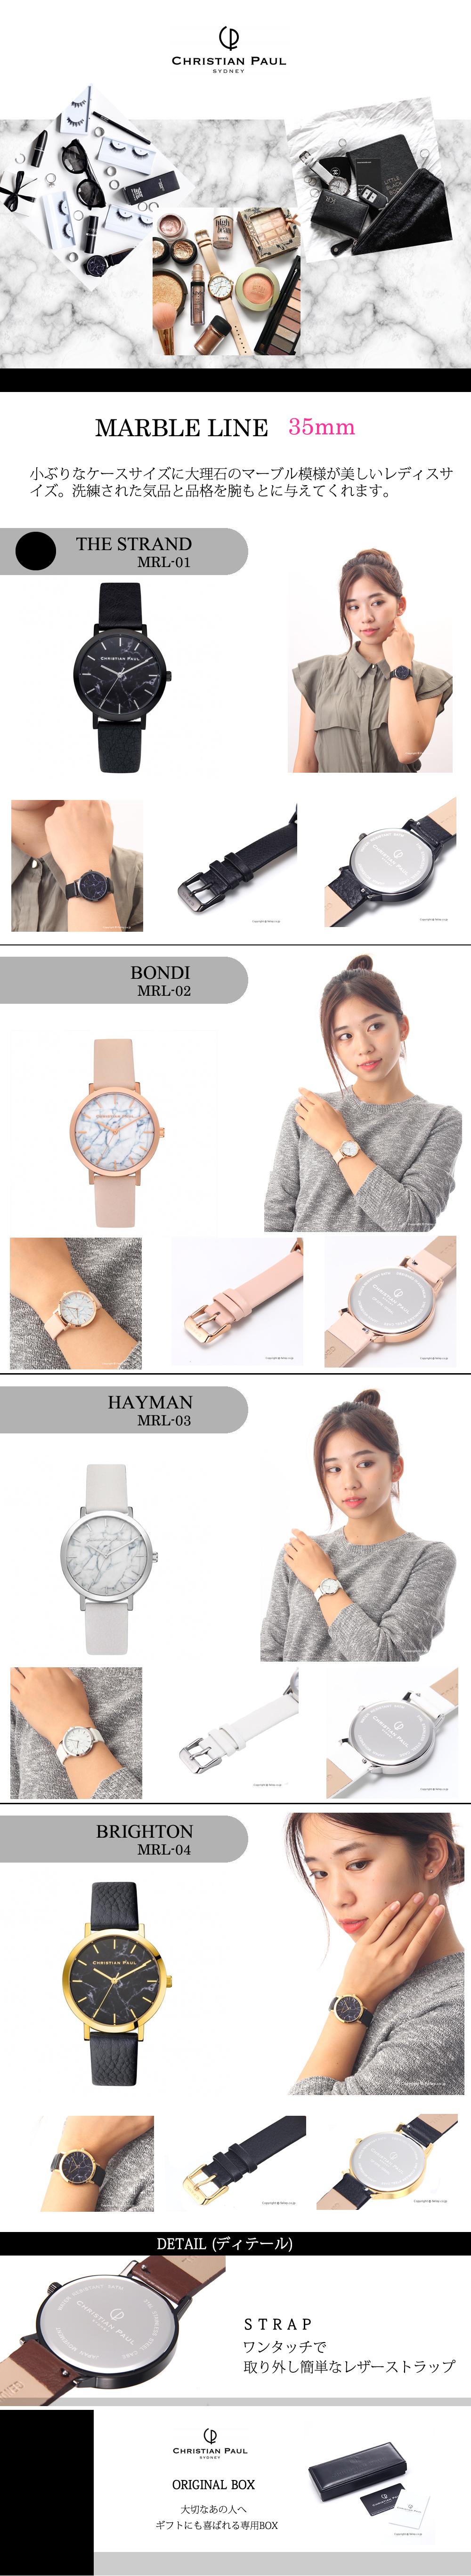 CHRISTIANPAULクリスチャンポール腕時計MarbleCollection(マーブルコレクション)35mm